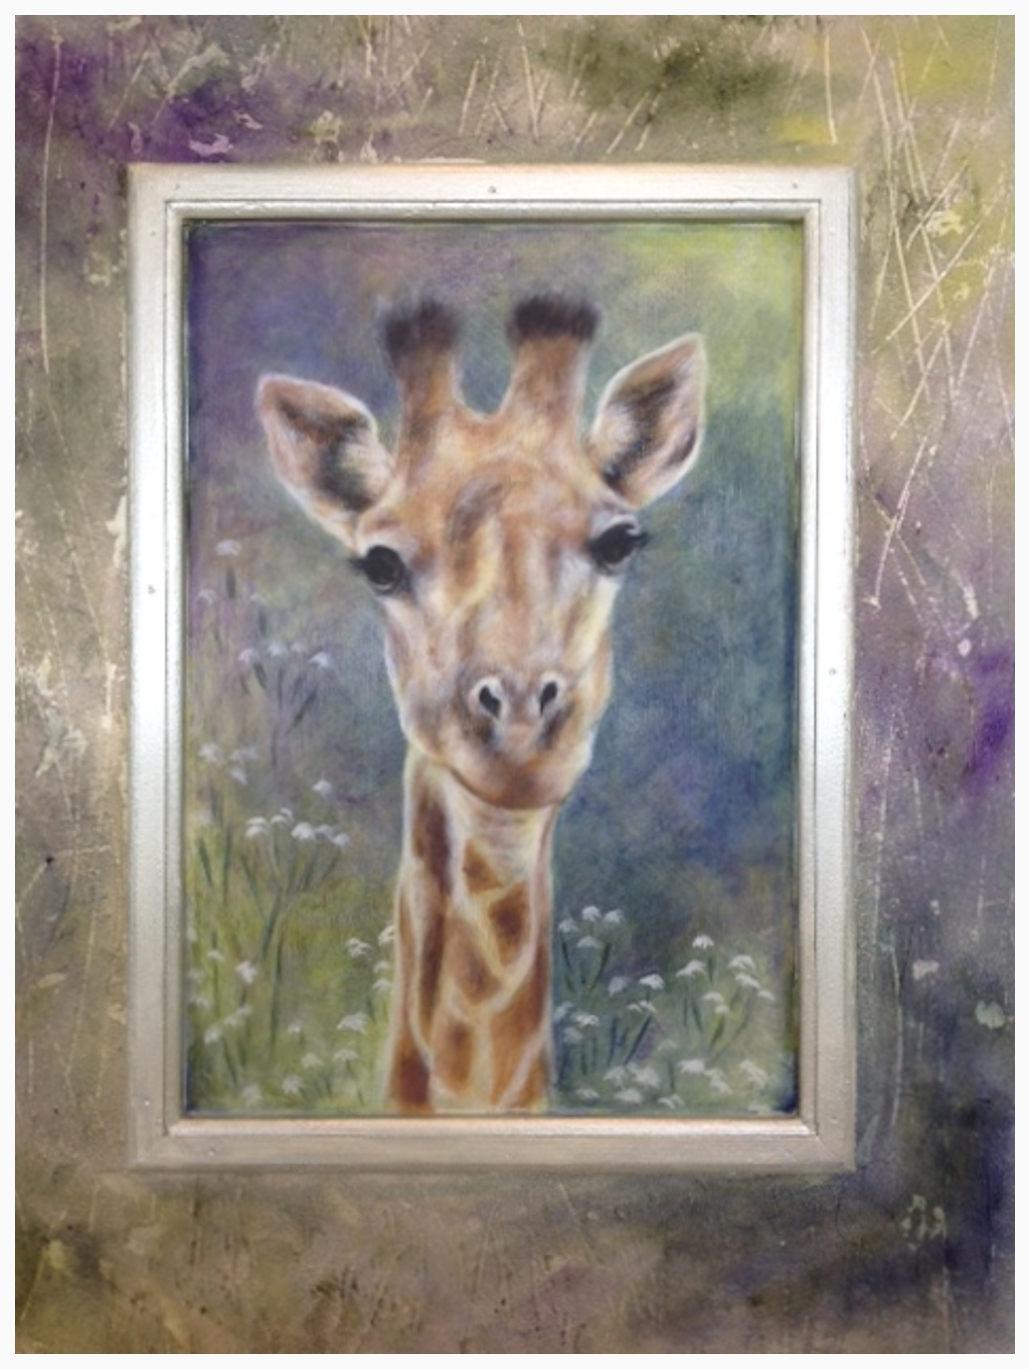 giraffe-ls2017-1.jpg